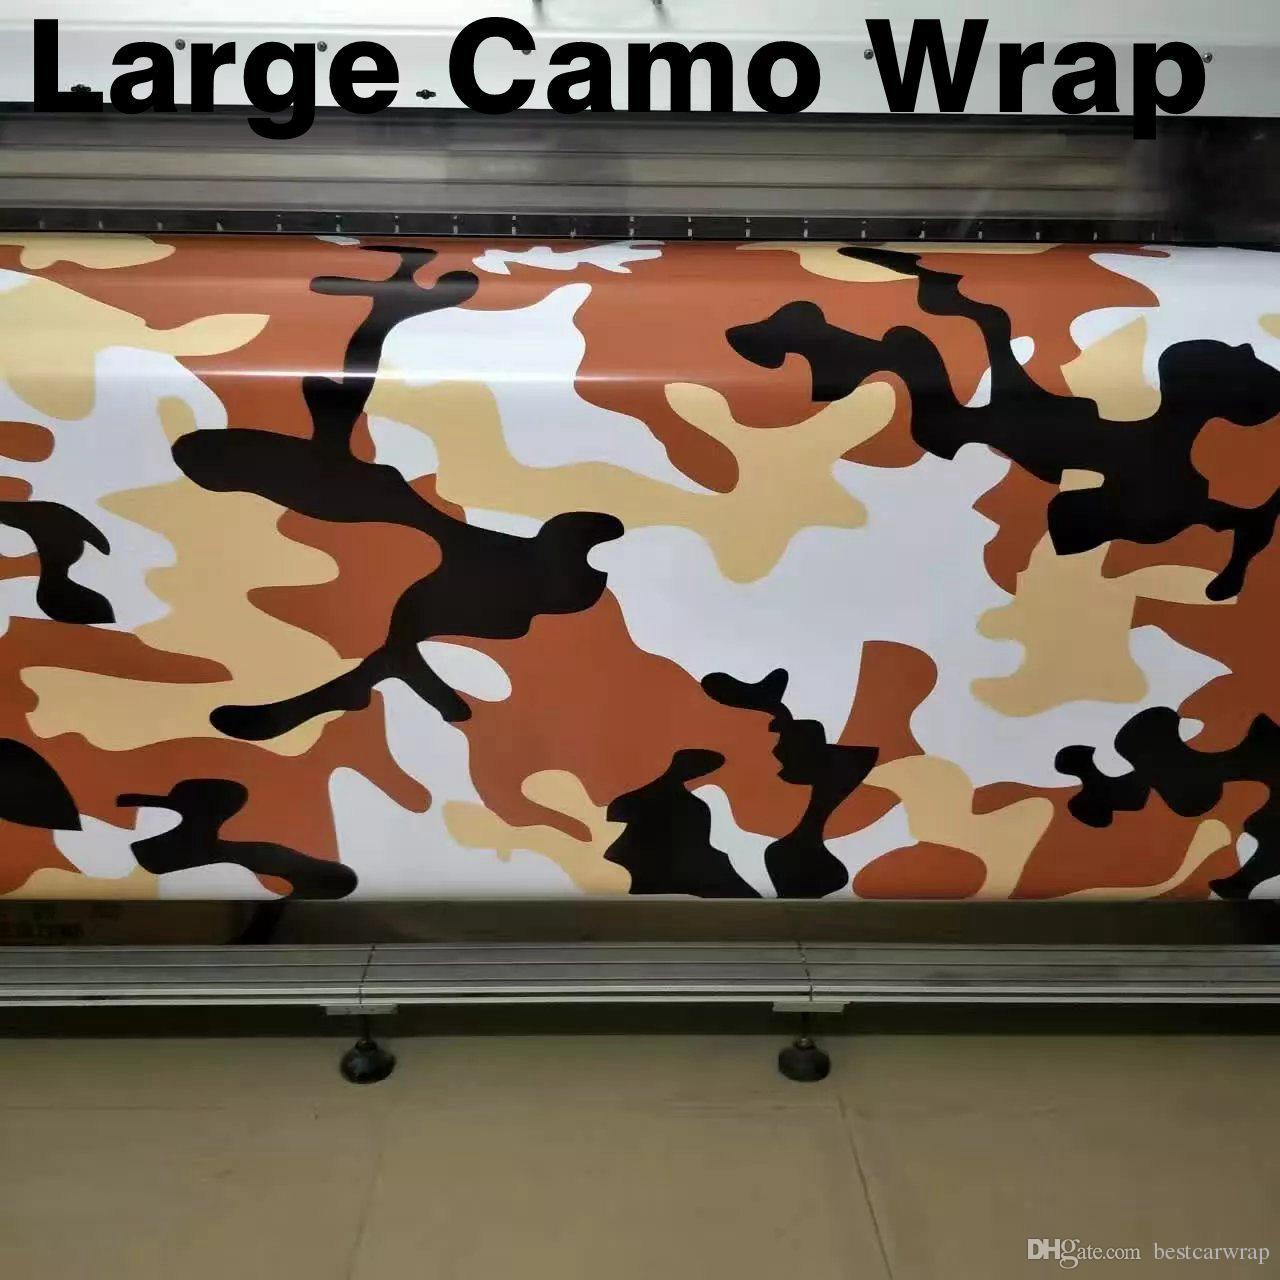 Grand hiver neige Camo VINYL Wrap Full Car Emballage Camouflage Foil Autocollants avec l'air libre taille 1,52 x 30 m / Roll Livraison Gratuite